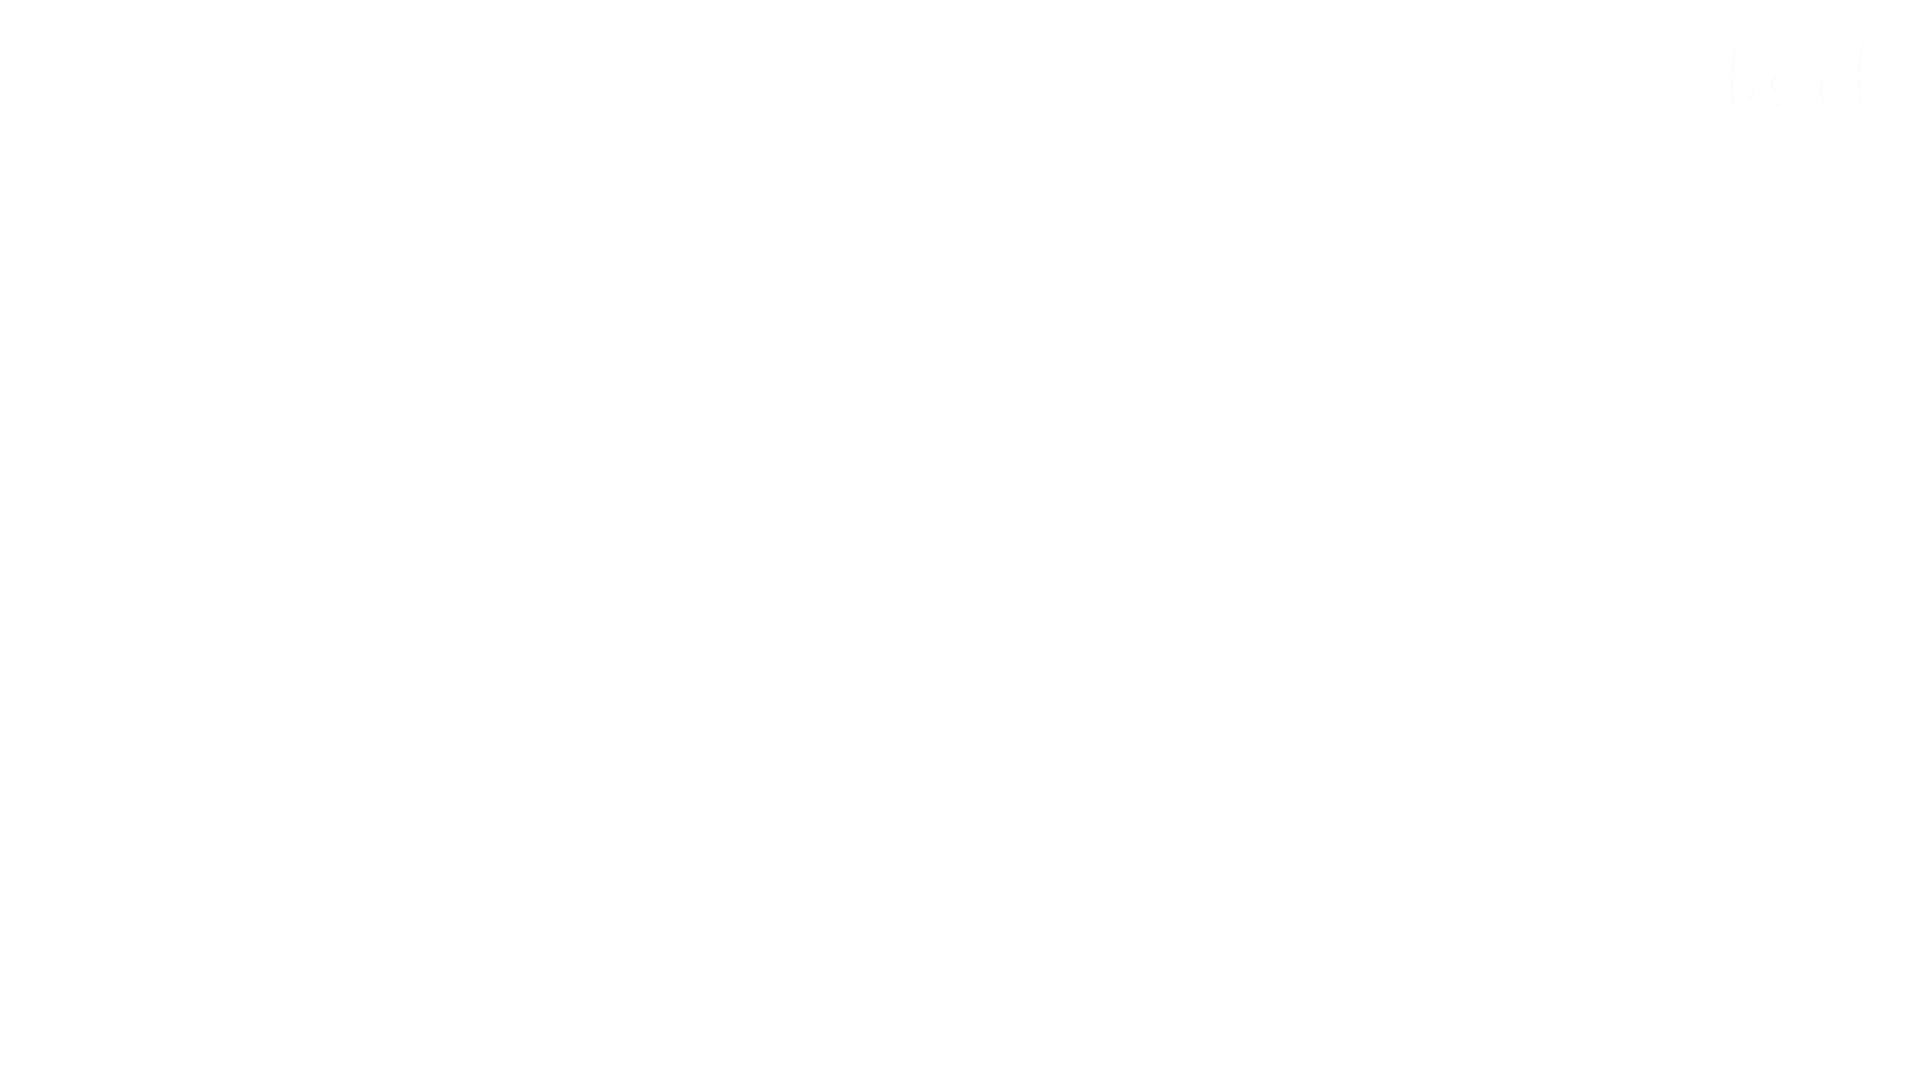 ナースのお小水 vol.001 OLハメ撮り  59Pix 53